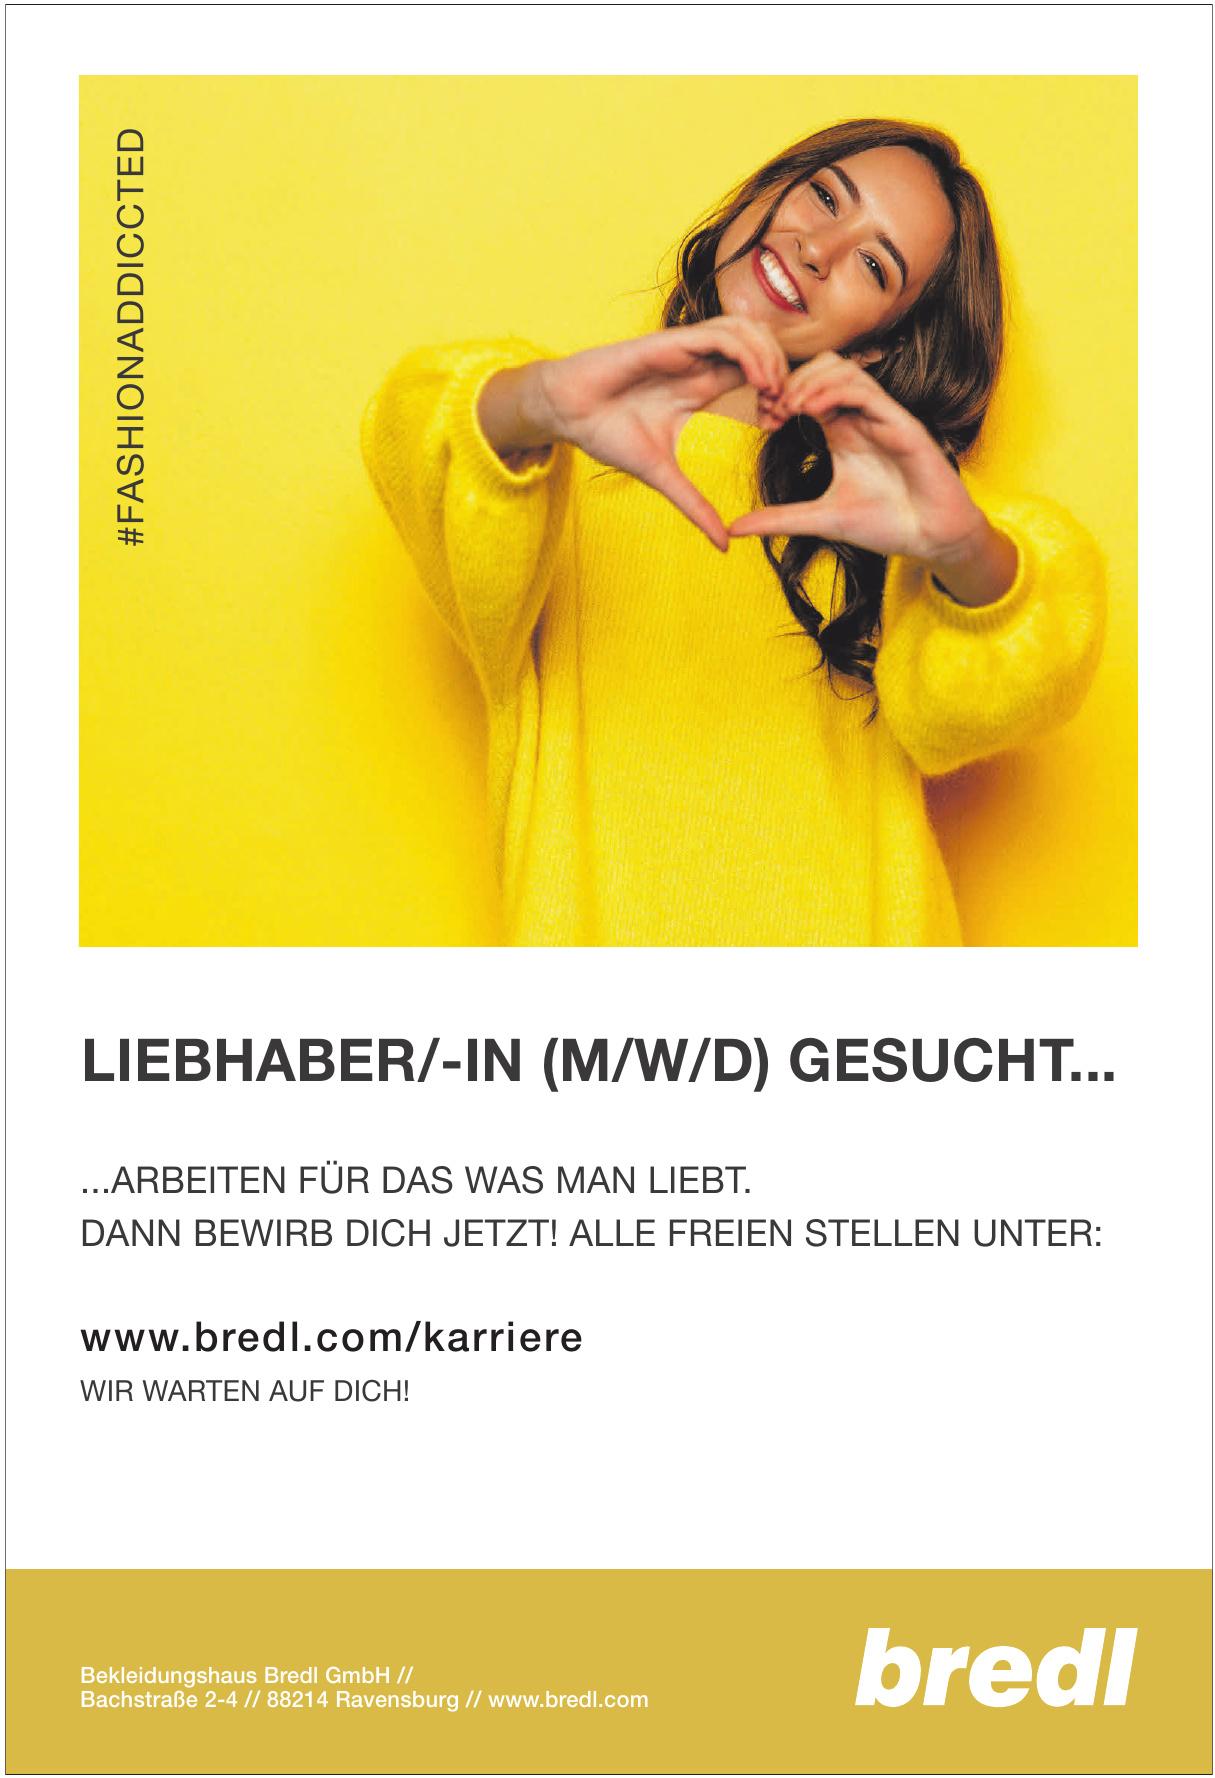 Bekleidungshaus bredl GmbH